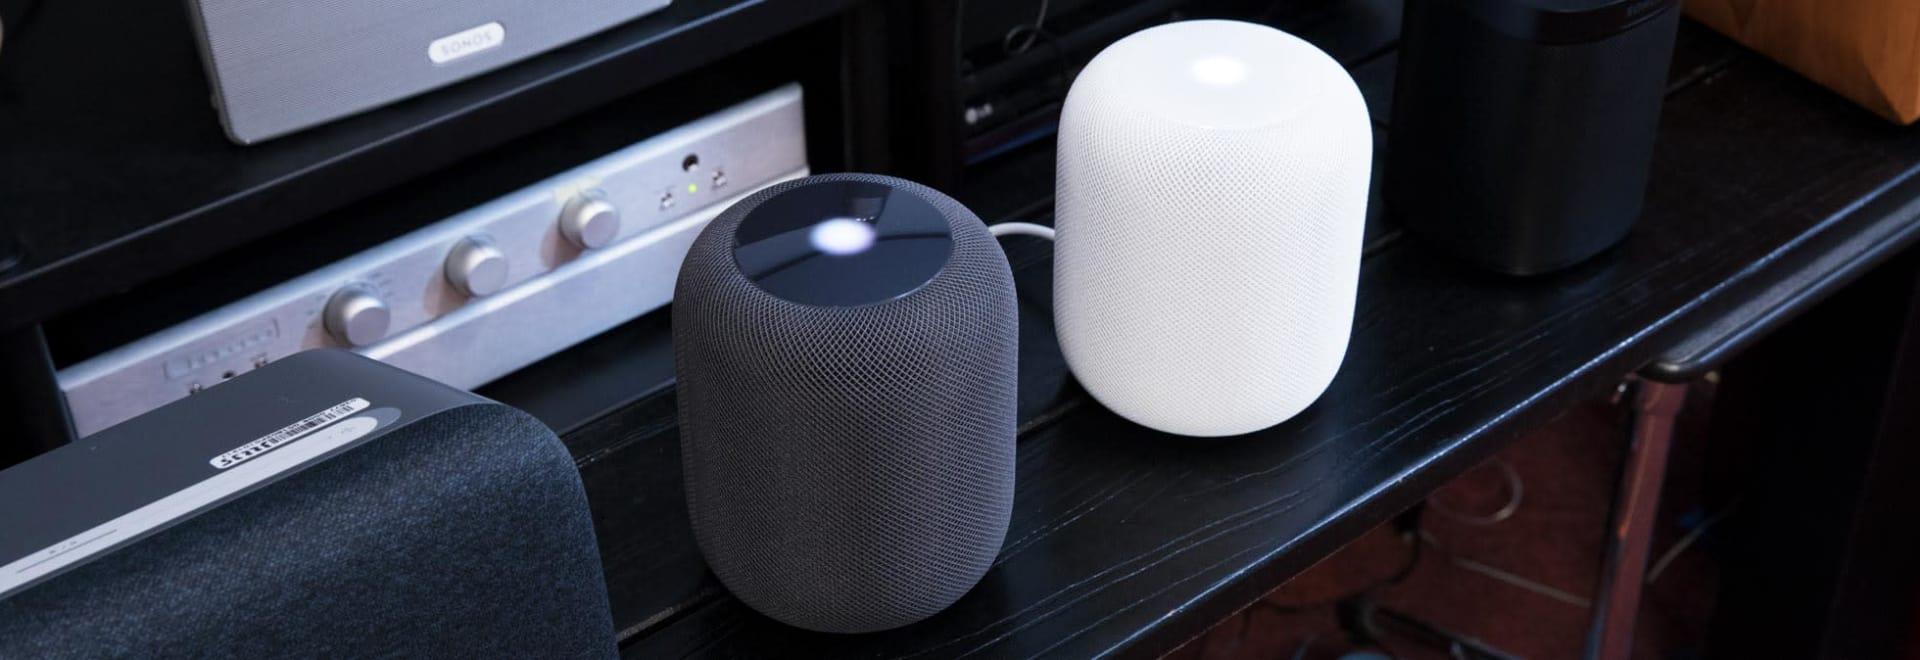 HomePod avaliado pela Consumer Reports